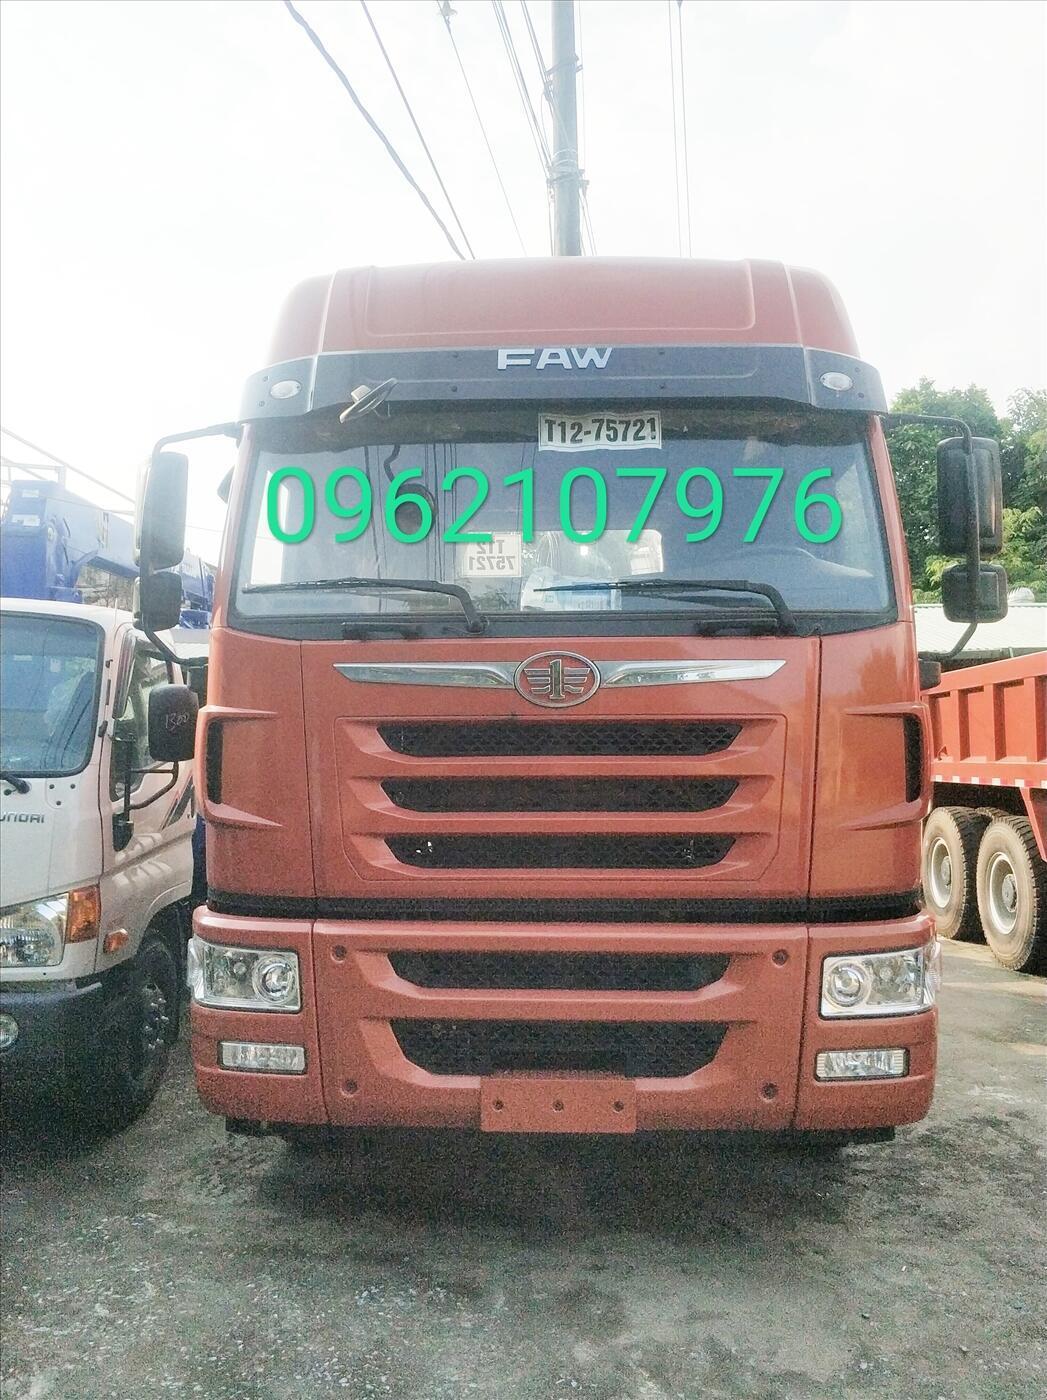 BÁN PHỤ TÙNG THÂN VỎ XE BEN FAW 310HP, 340HP, 380HP